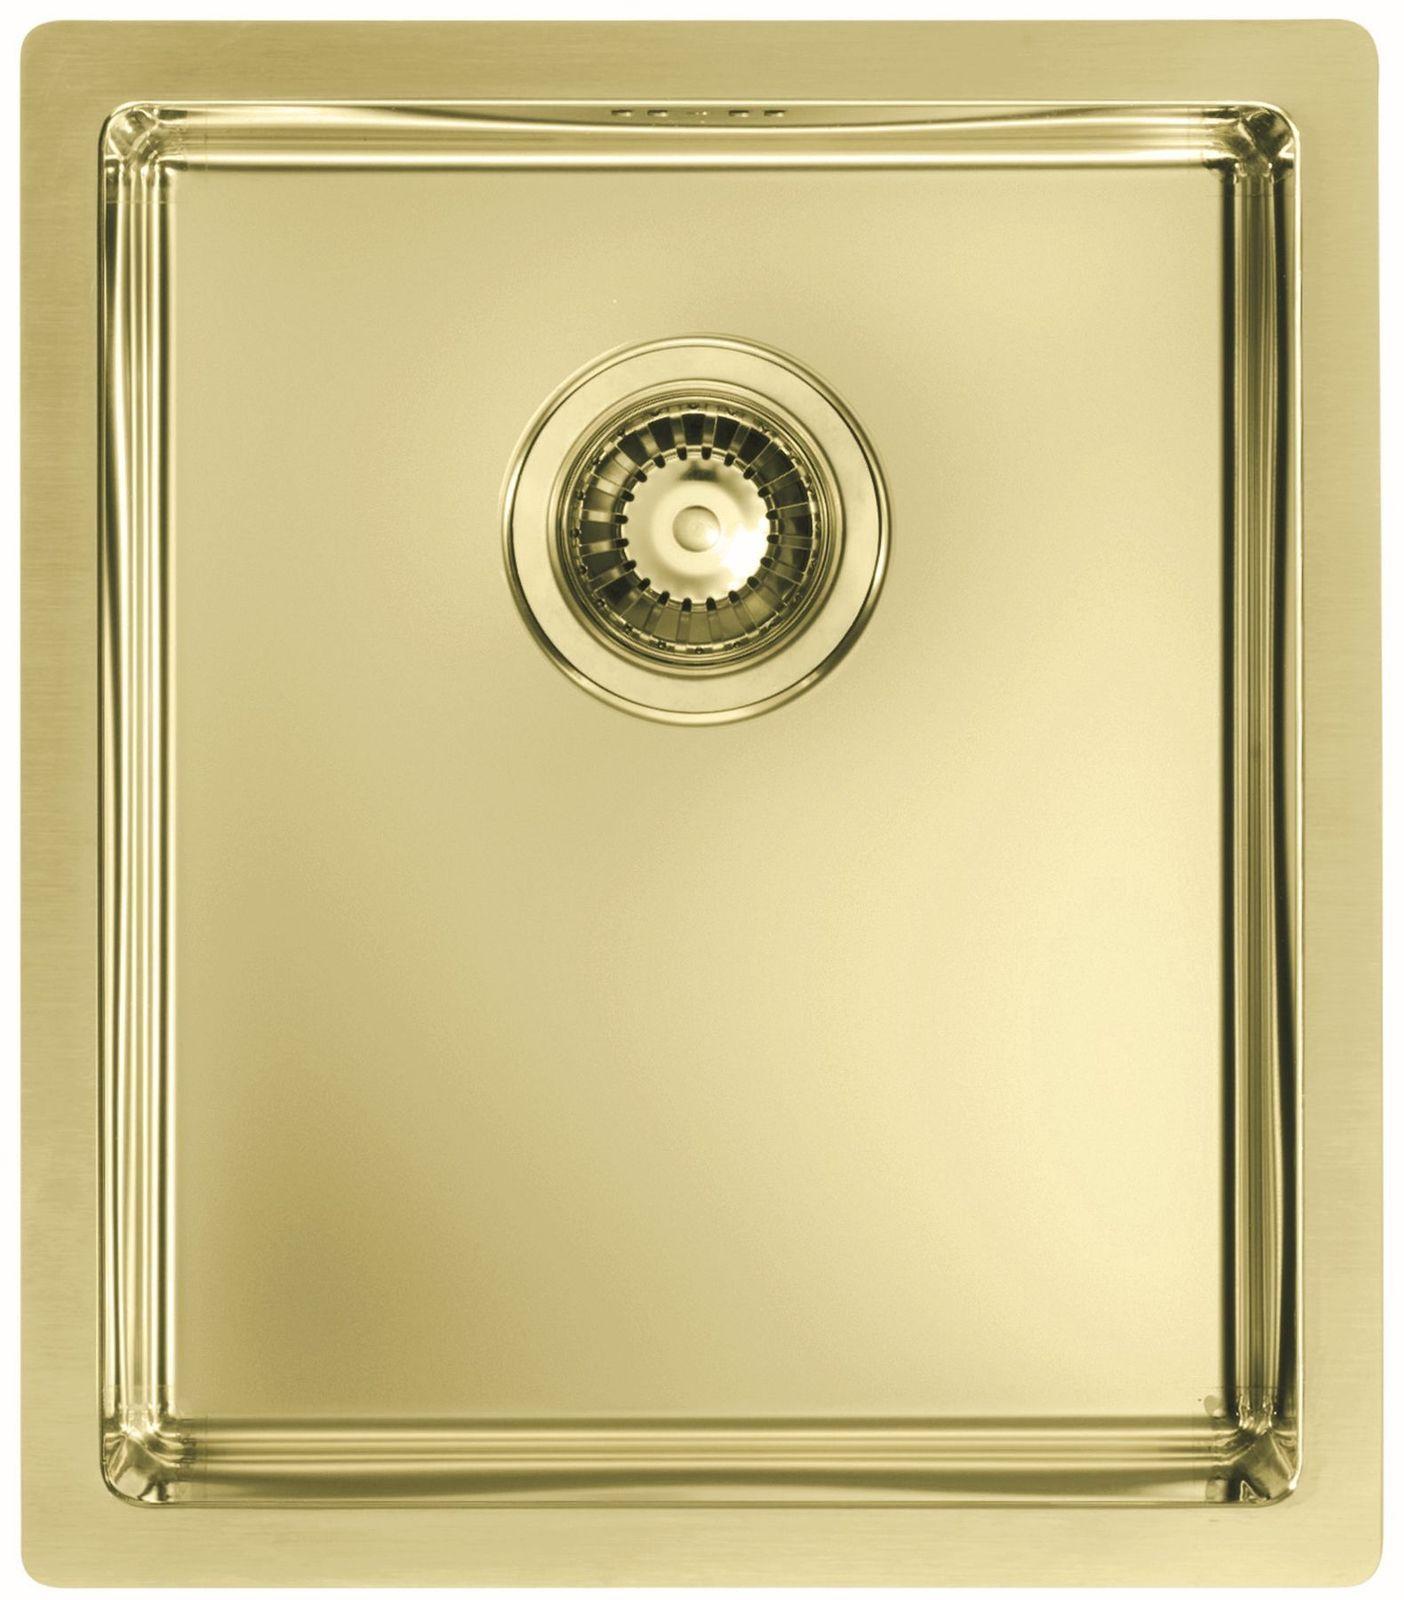 alveus k chen einbausp le anthrazit gold kupfer abwasch sp lbecken mon qua 20 kaufen bei. Black Bedroom Furniture Sets. Home Design Ideas